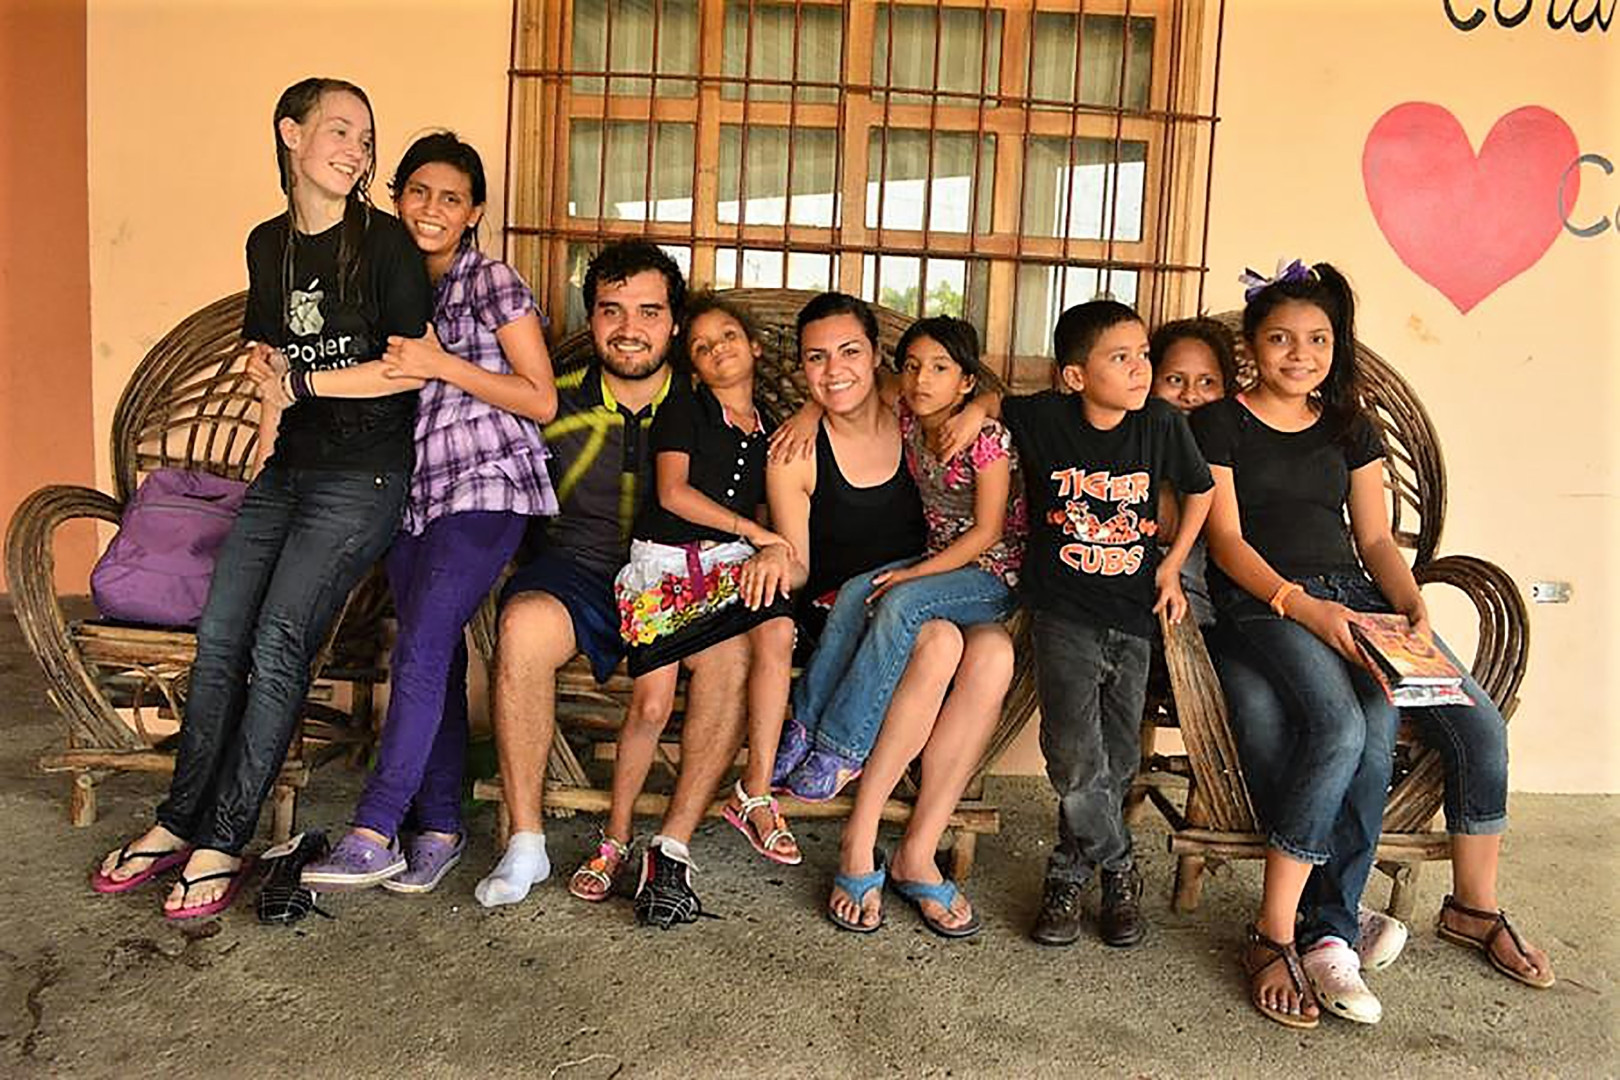 Alana and Gerardo Ramirez with the kids in Tegucigalpita